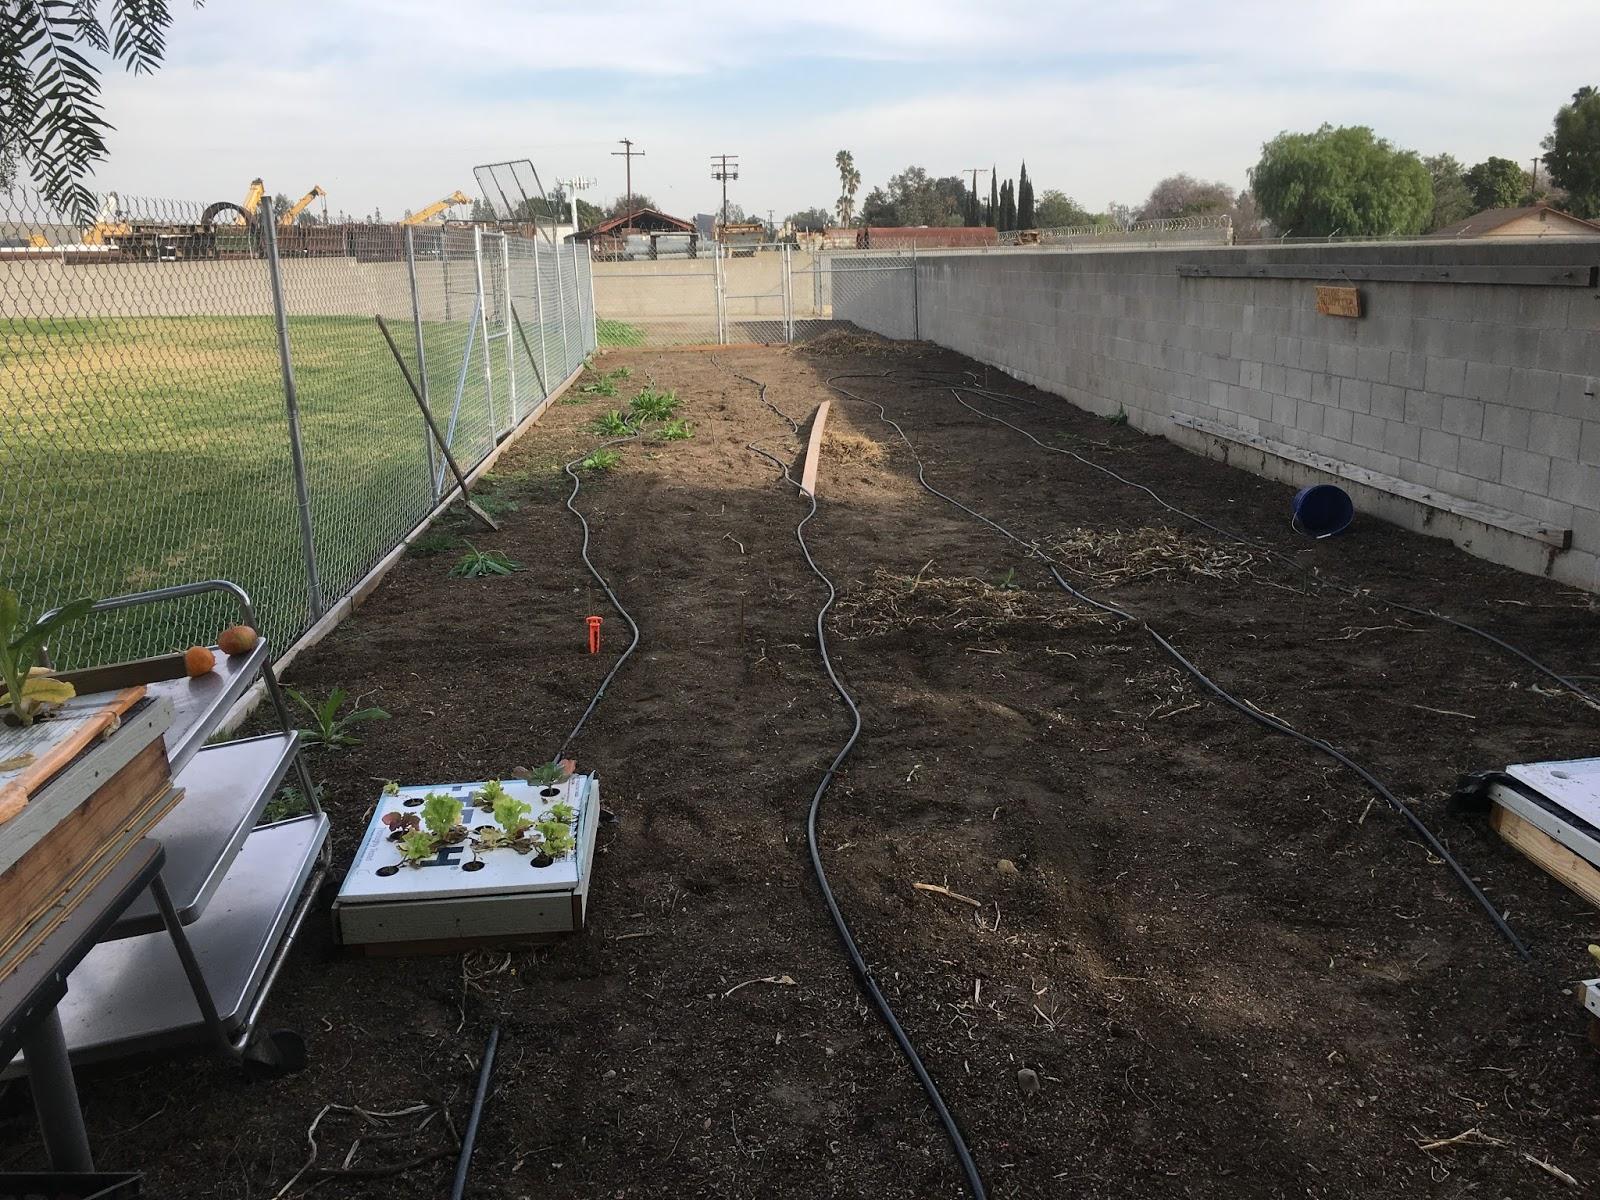 Hillside High Family Farm Phase 1 Of The Garden Redesign